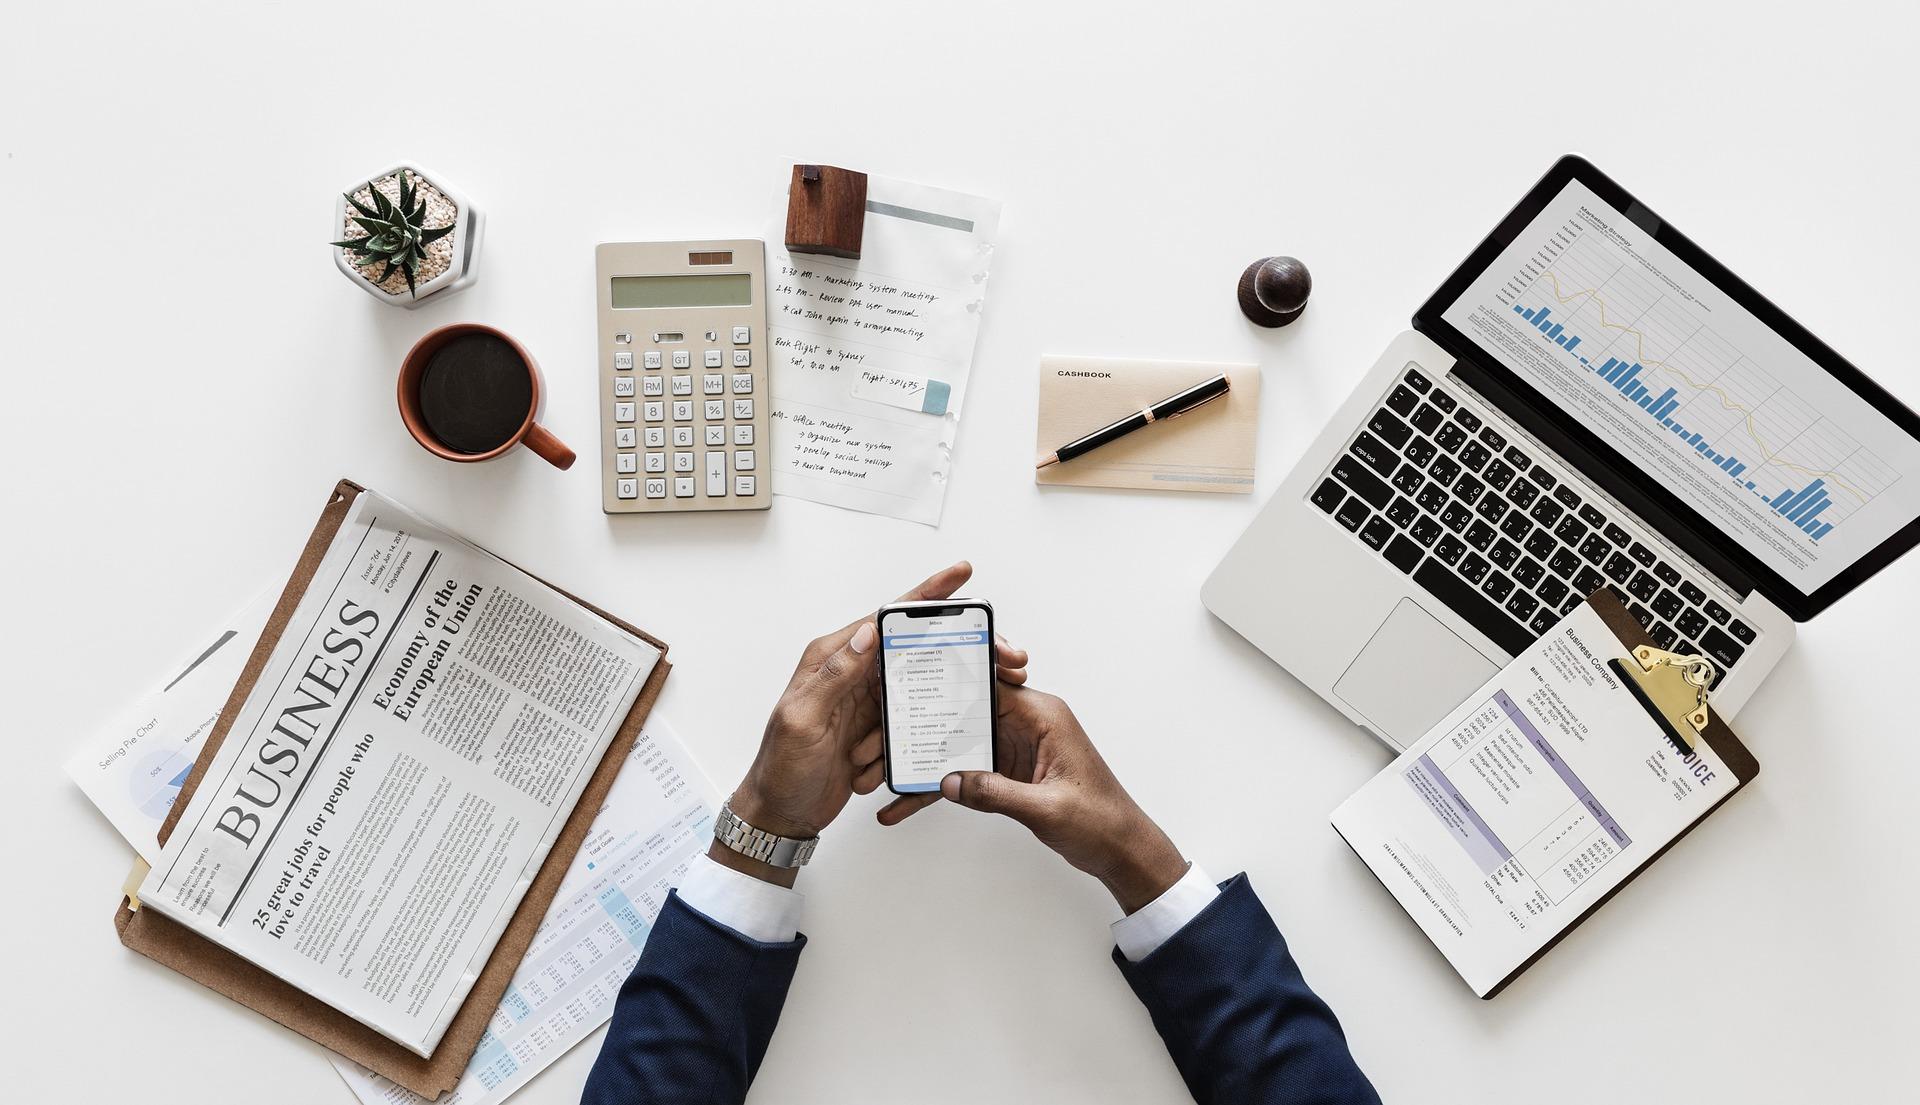 Mesa com notebook, celular, anotações, jornal e café